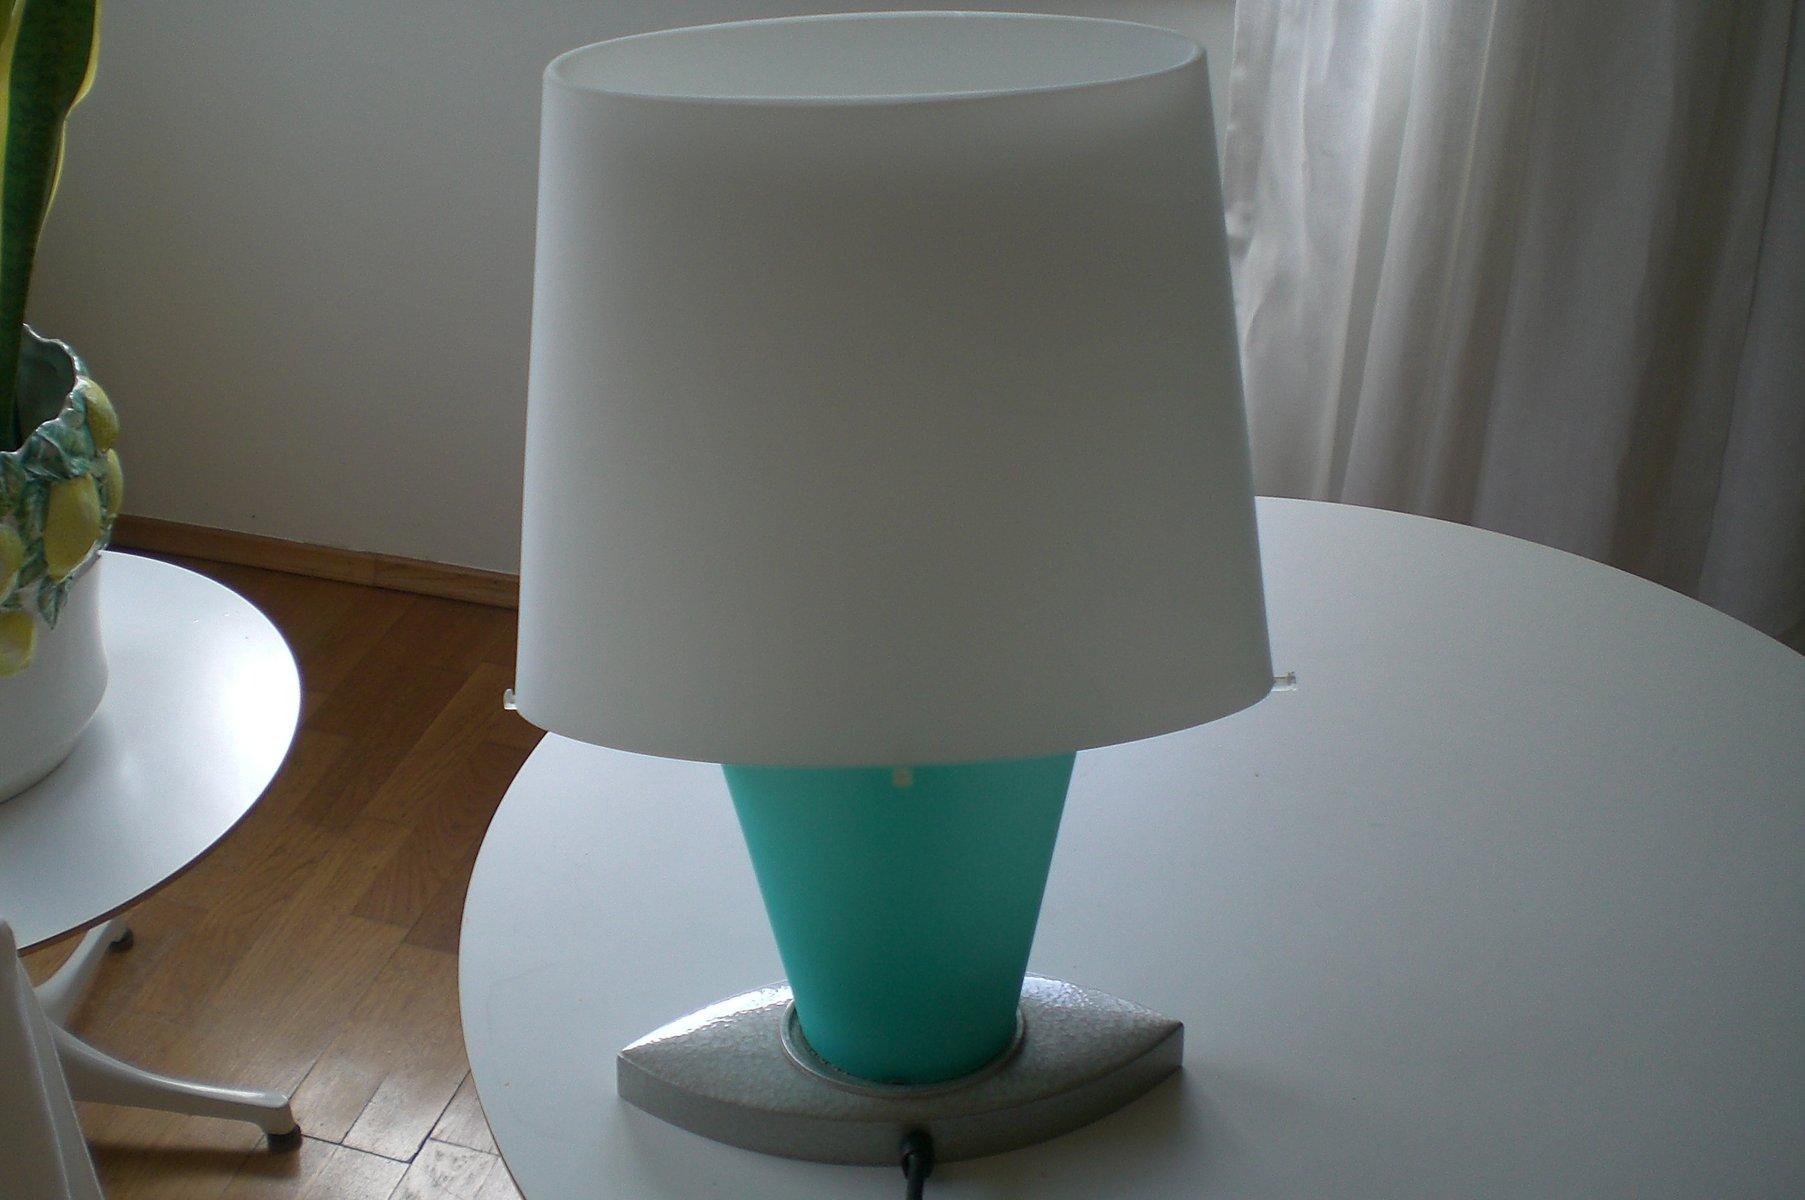 Vintage Glaslampe von Daniela Puppa für Fontana Arte, 1992